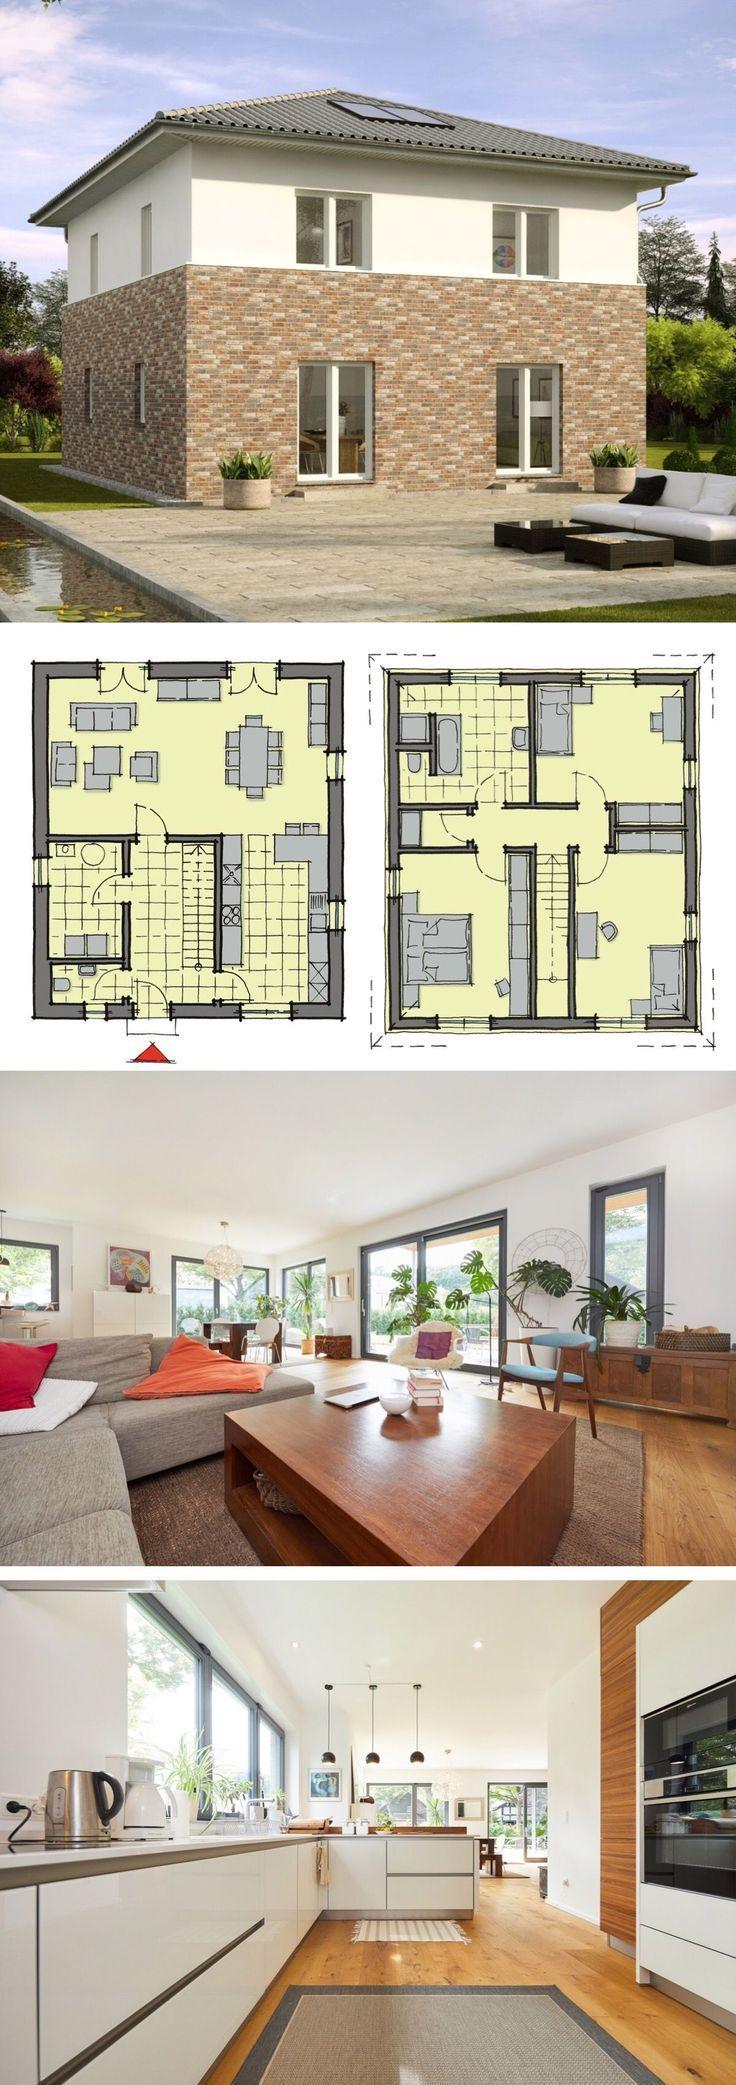 Stadtvilla mit Klinker und Putz Fassade & Grundriss 150 qm